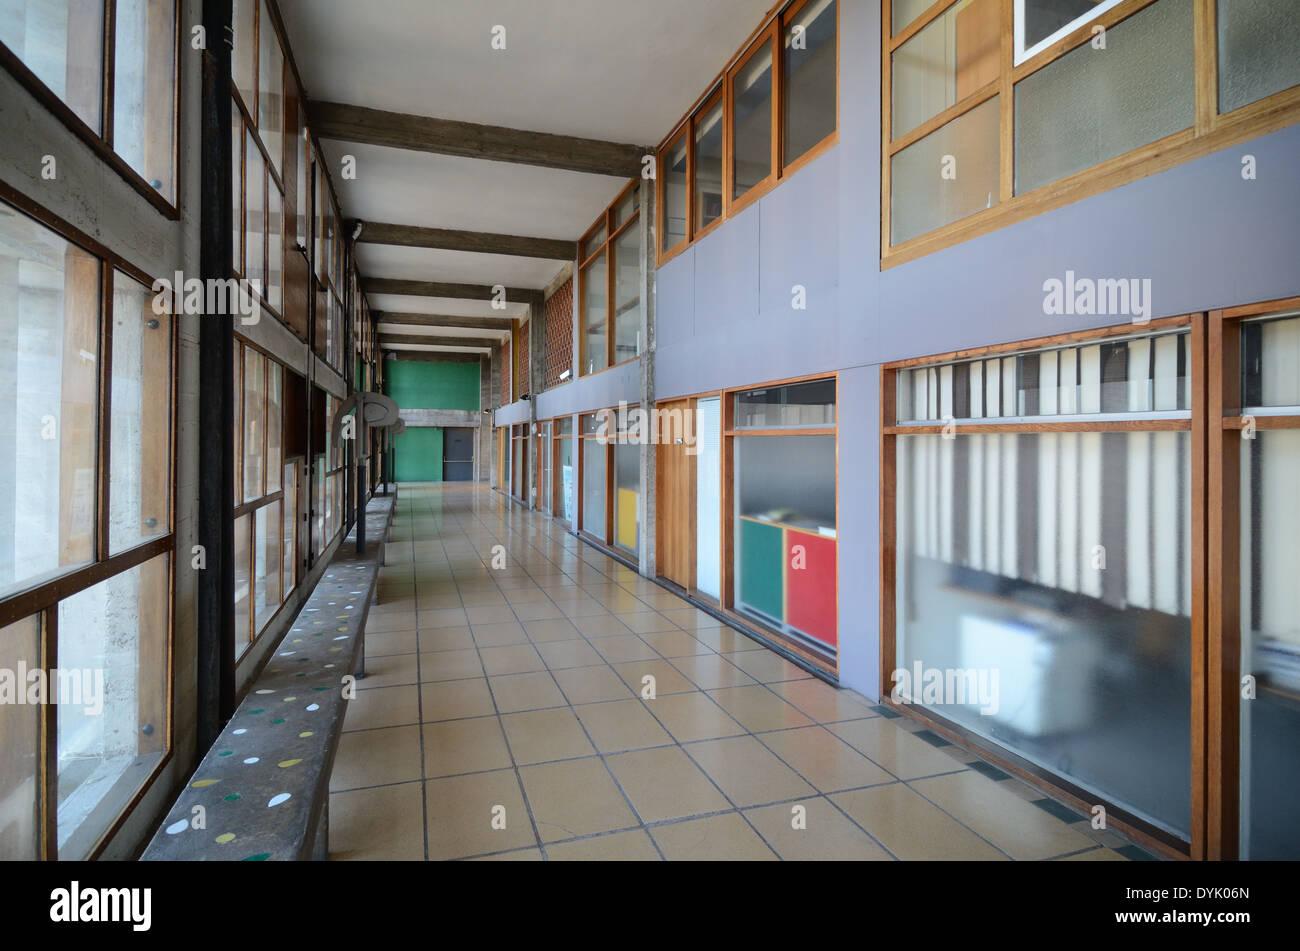 Interior Corridor of the Cité Radieuse or Unité d'Habitation by Le Corbusier Marseille or Marseilles - Stock Image